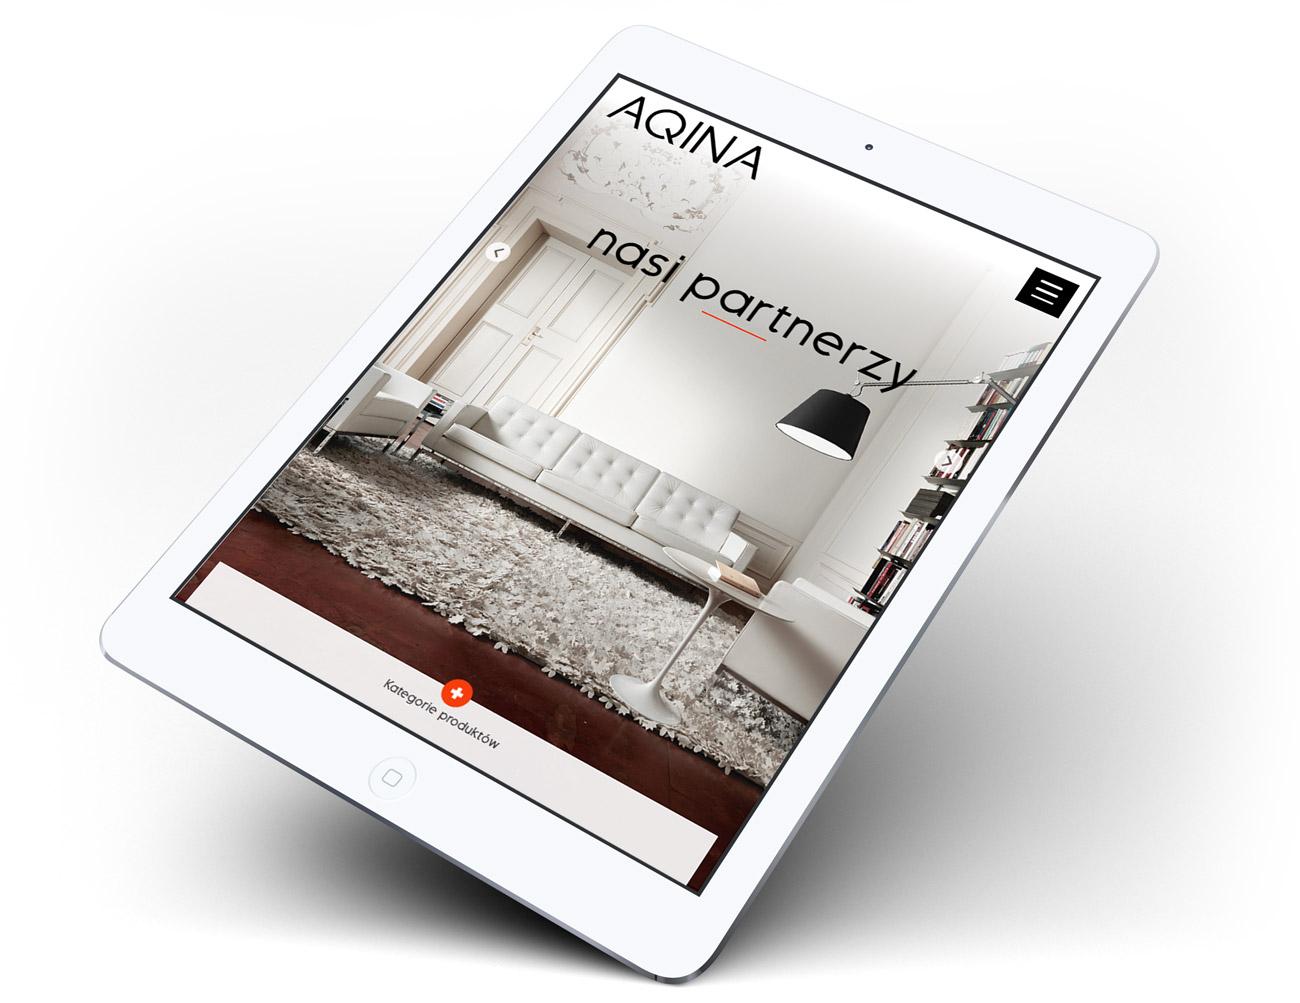 Aqina - projekt strony internetowej zgodnej z RWD, Retina, HTML 5, CSS 3 na WordPressie